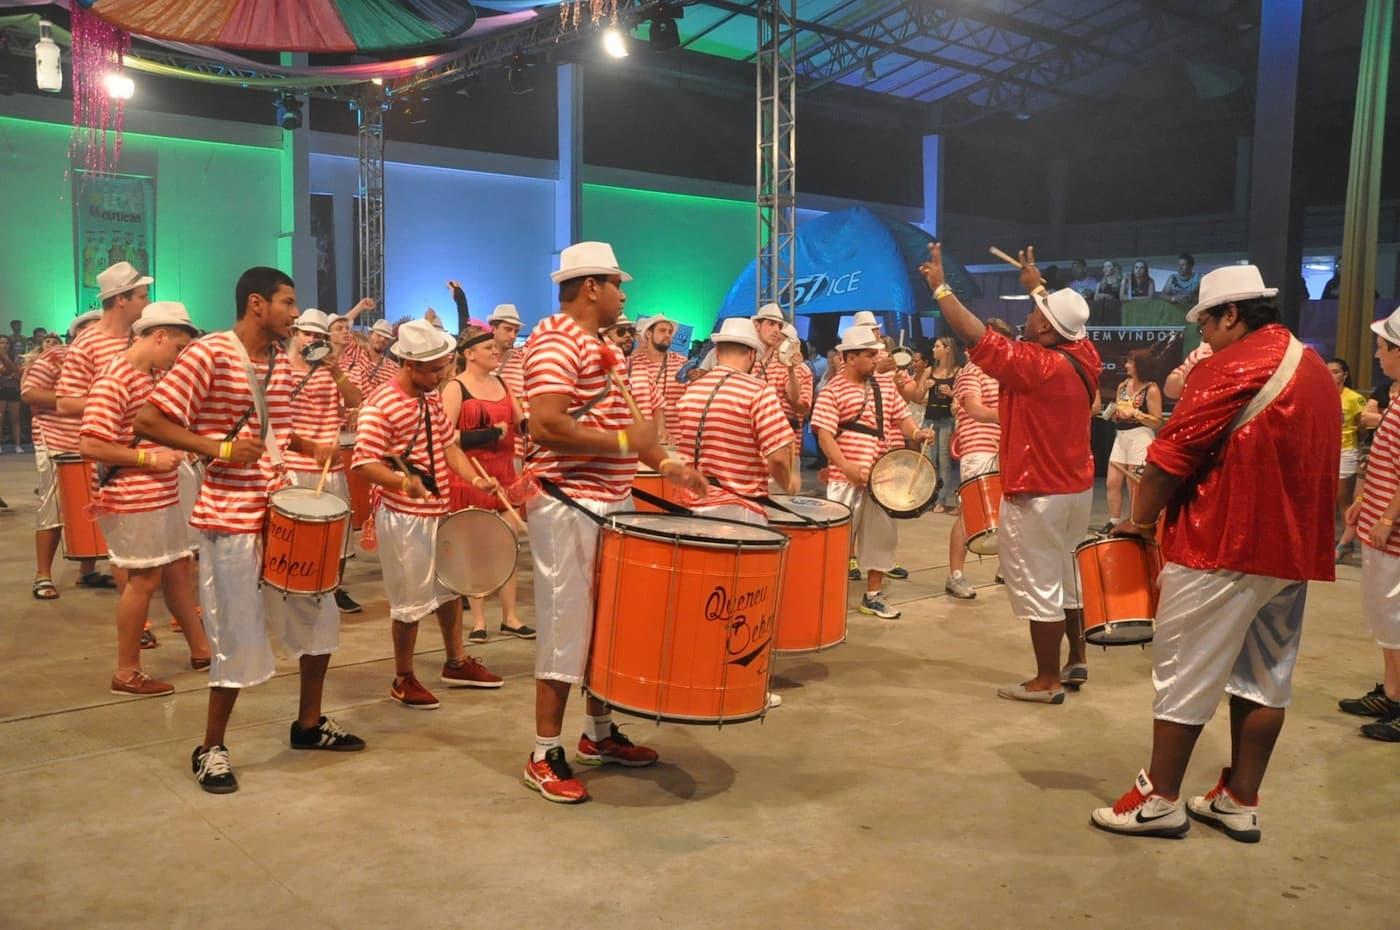 Carnaval em Gramado: Dicas para Curtir a Região Durante o Feriado